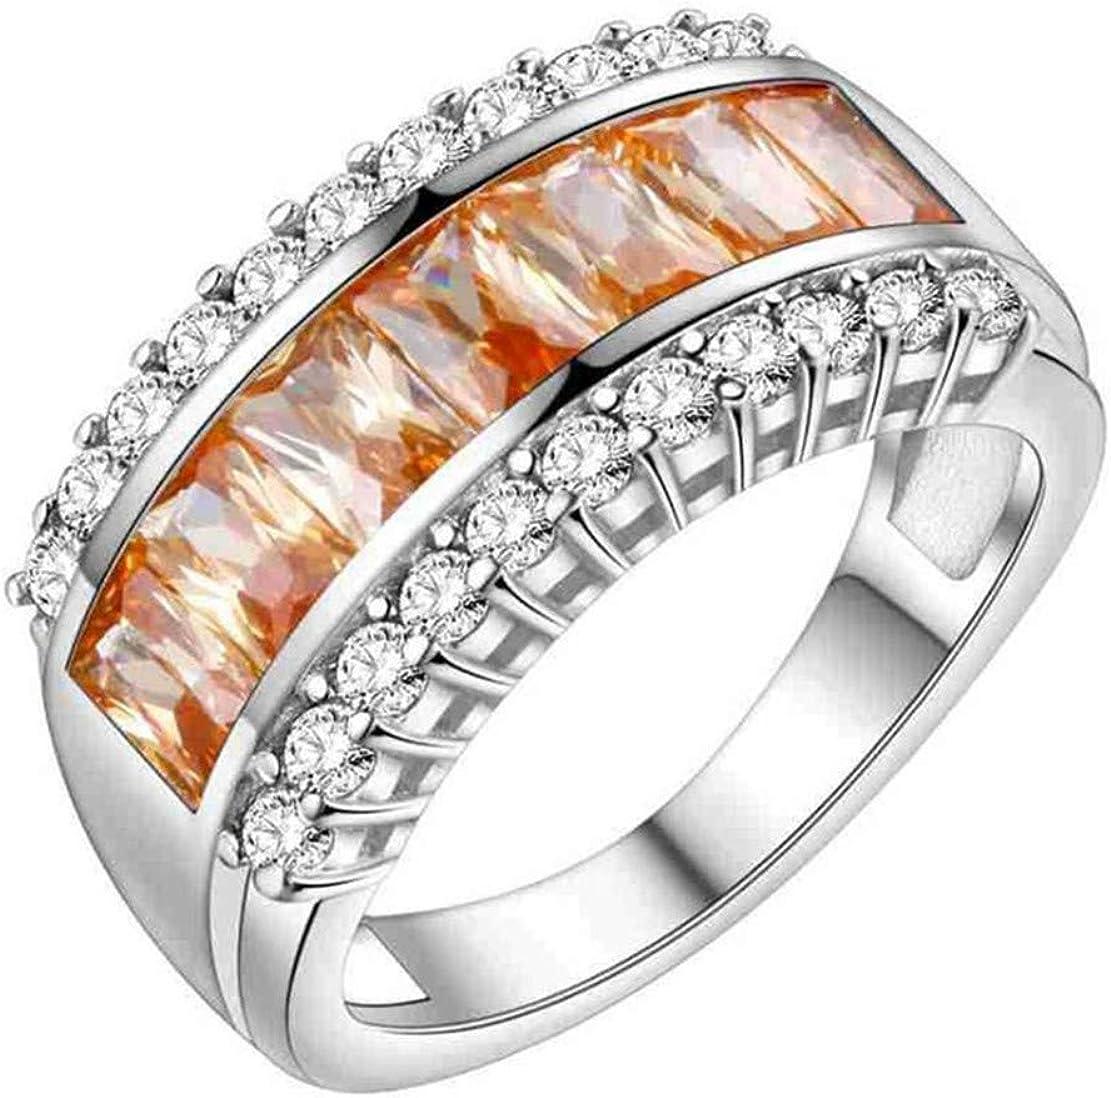 NA Fant¨¢Sticos Anillos de Acero Inoxidable de Color circonita de Diamantes de Piedra para Mujer